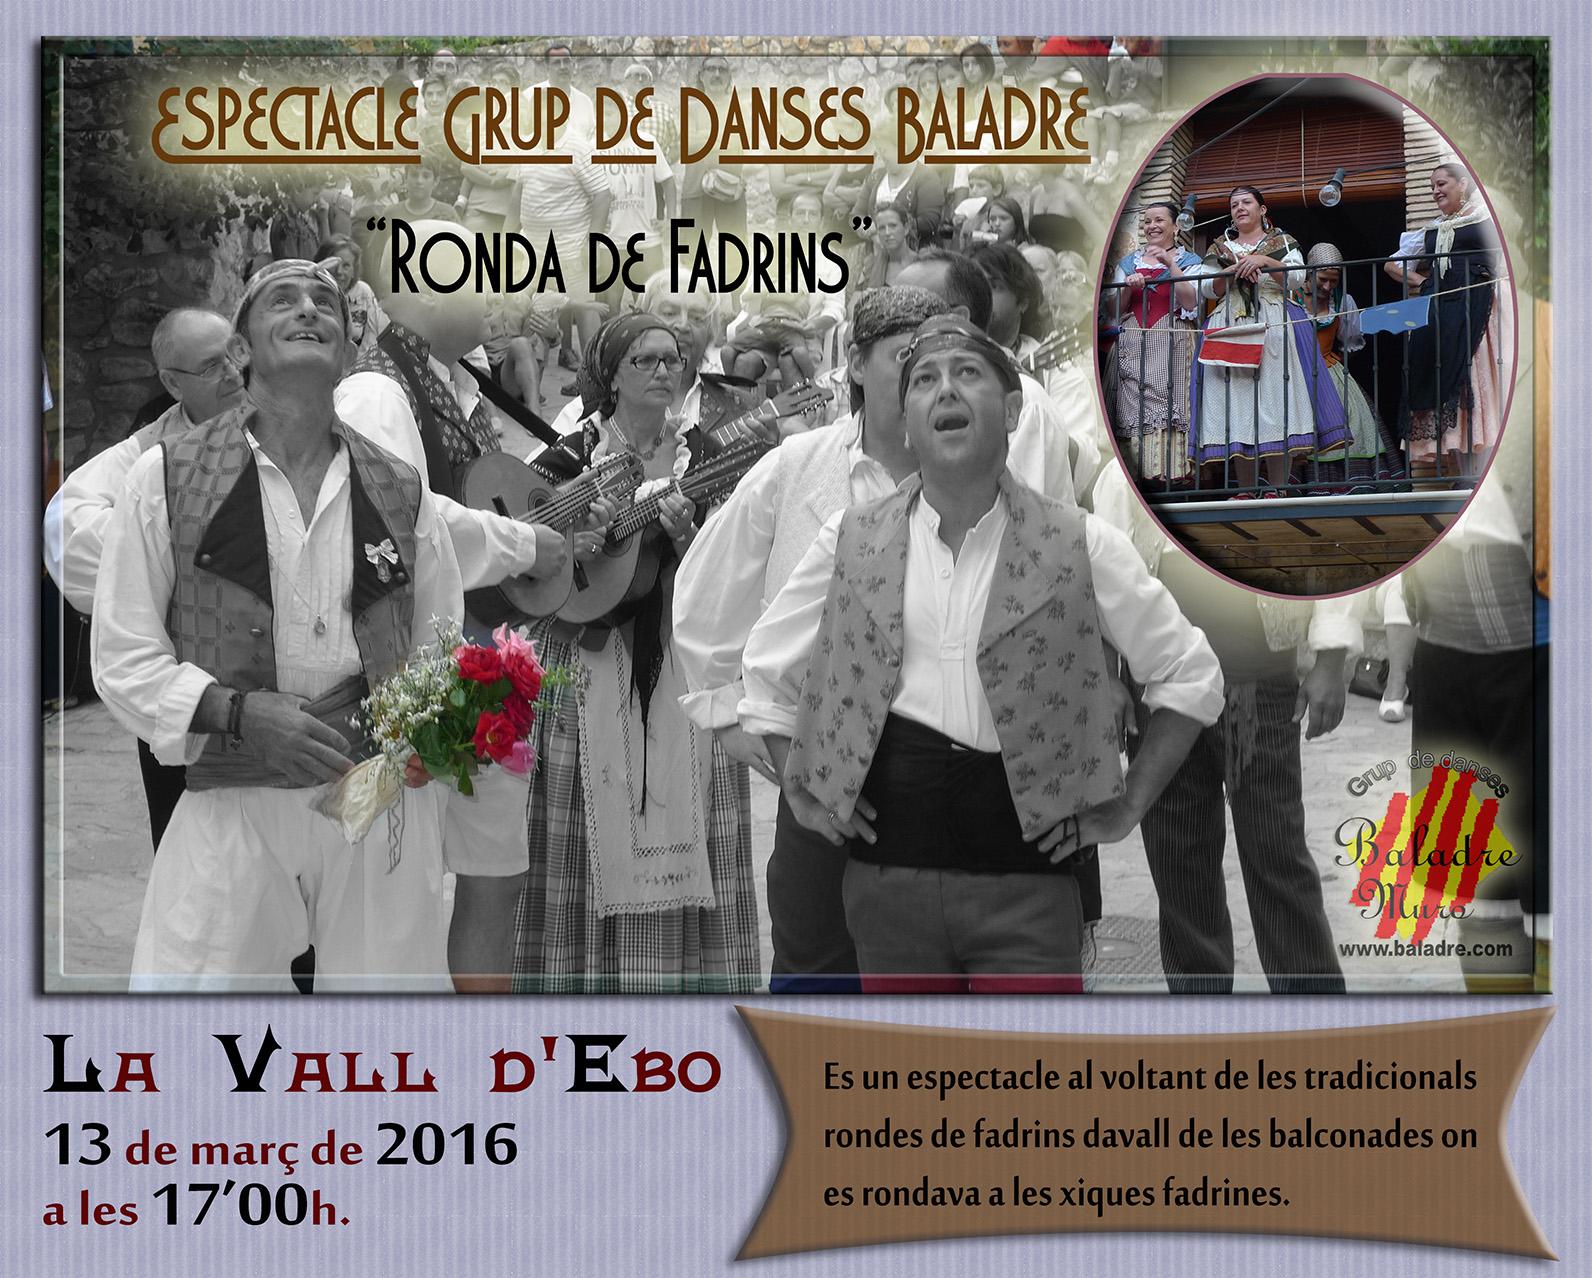 Ronda de fadrins-Turballos-18-09-2011 (110)